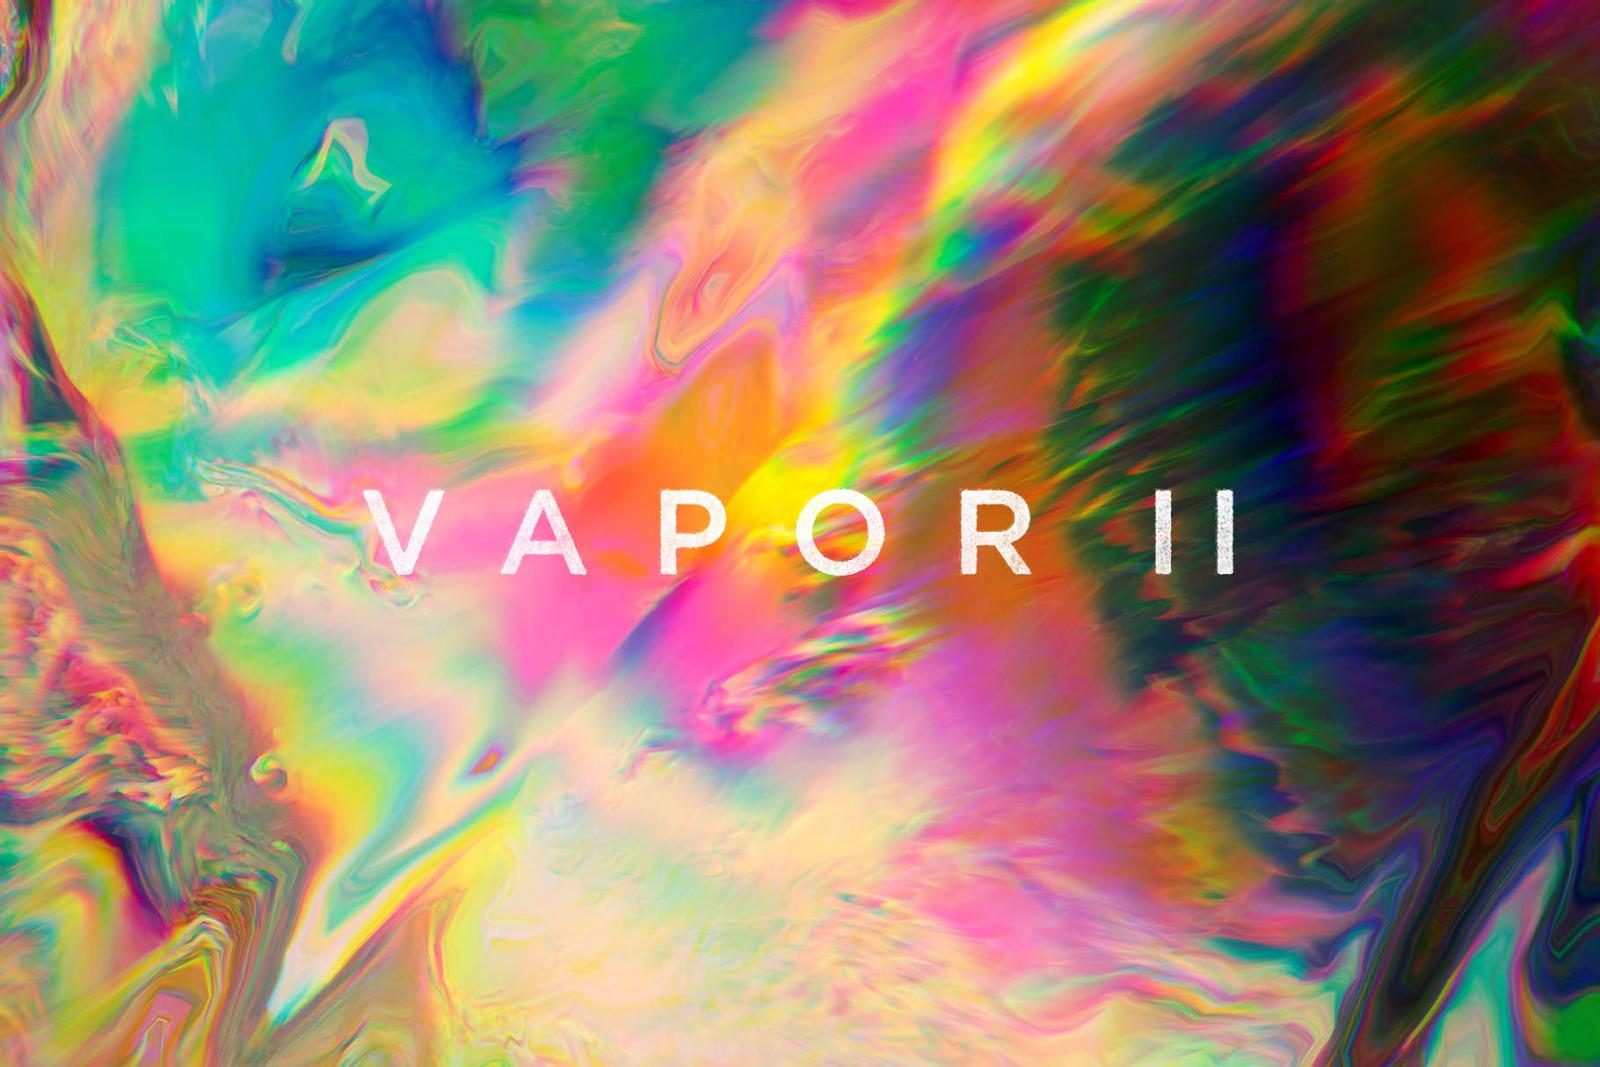 Vapor II: Atmospheric Distortions